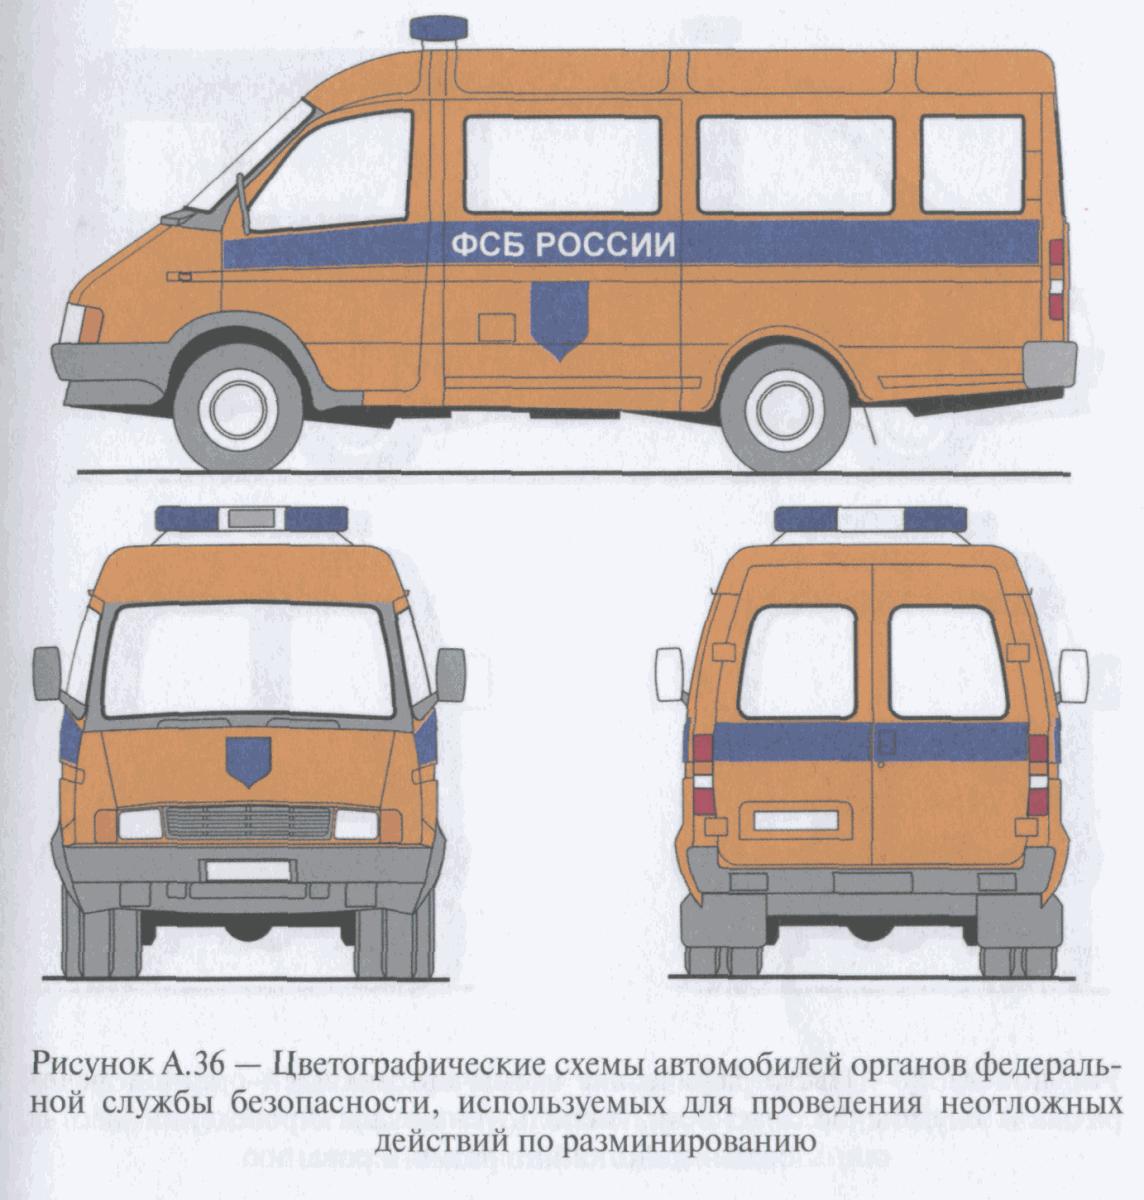 РИСУНОК A.36 (К ИЗМЕНЕНИЮ N 2 ГОСТ Р 50574-2002)